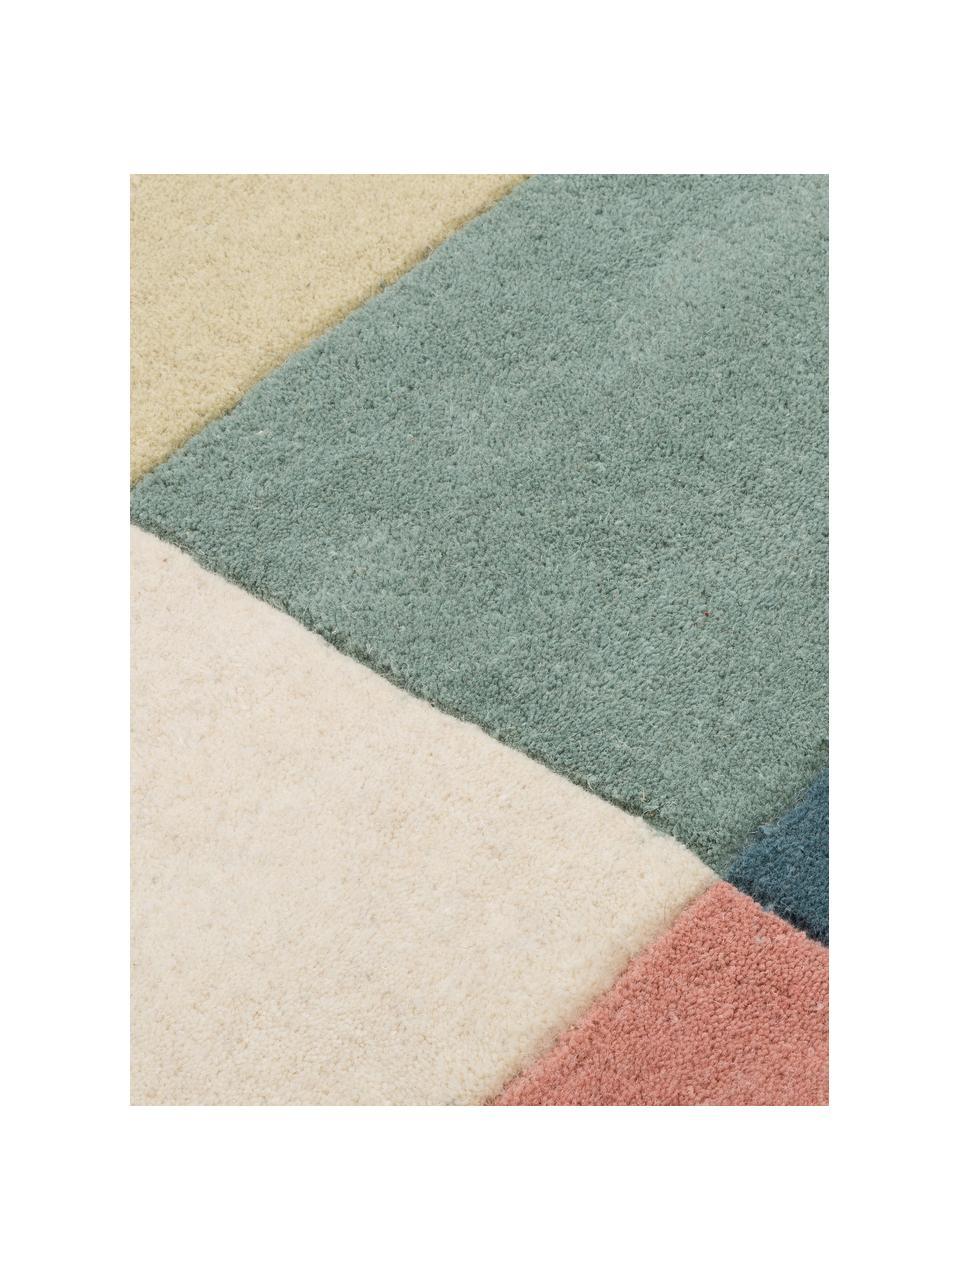 Tappeto di design in lana taftato a mano Ometri, 100% lana Nel caso dei tappeti di lana, le fibre possono staccarsi nelle prime settimane di utilizzo, questo e la formazione di lanugine si riducono con l'uso quotidiano, Multicolore, Larg. 140 x Lung. 200 cm (taglia S)